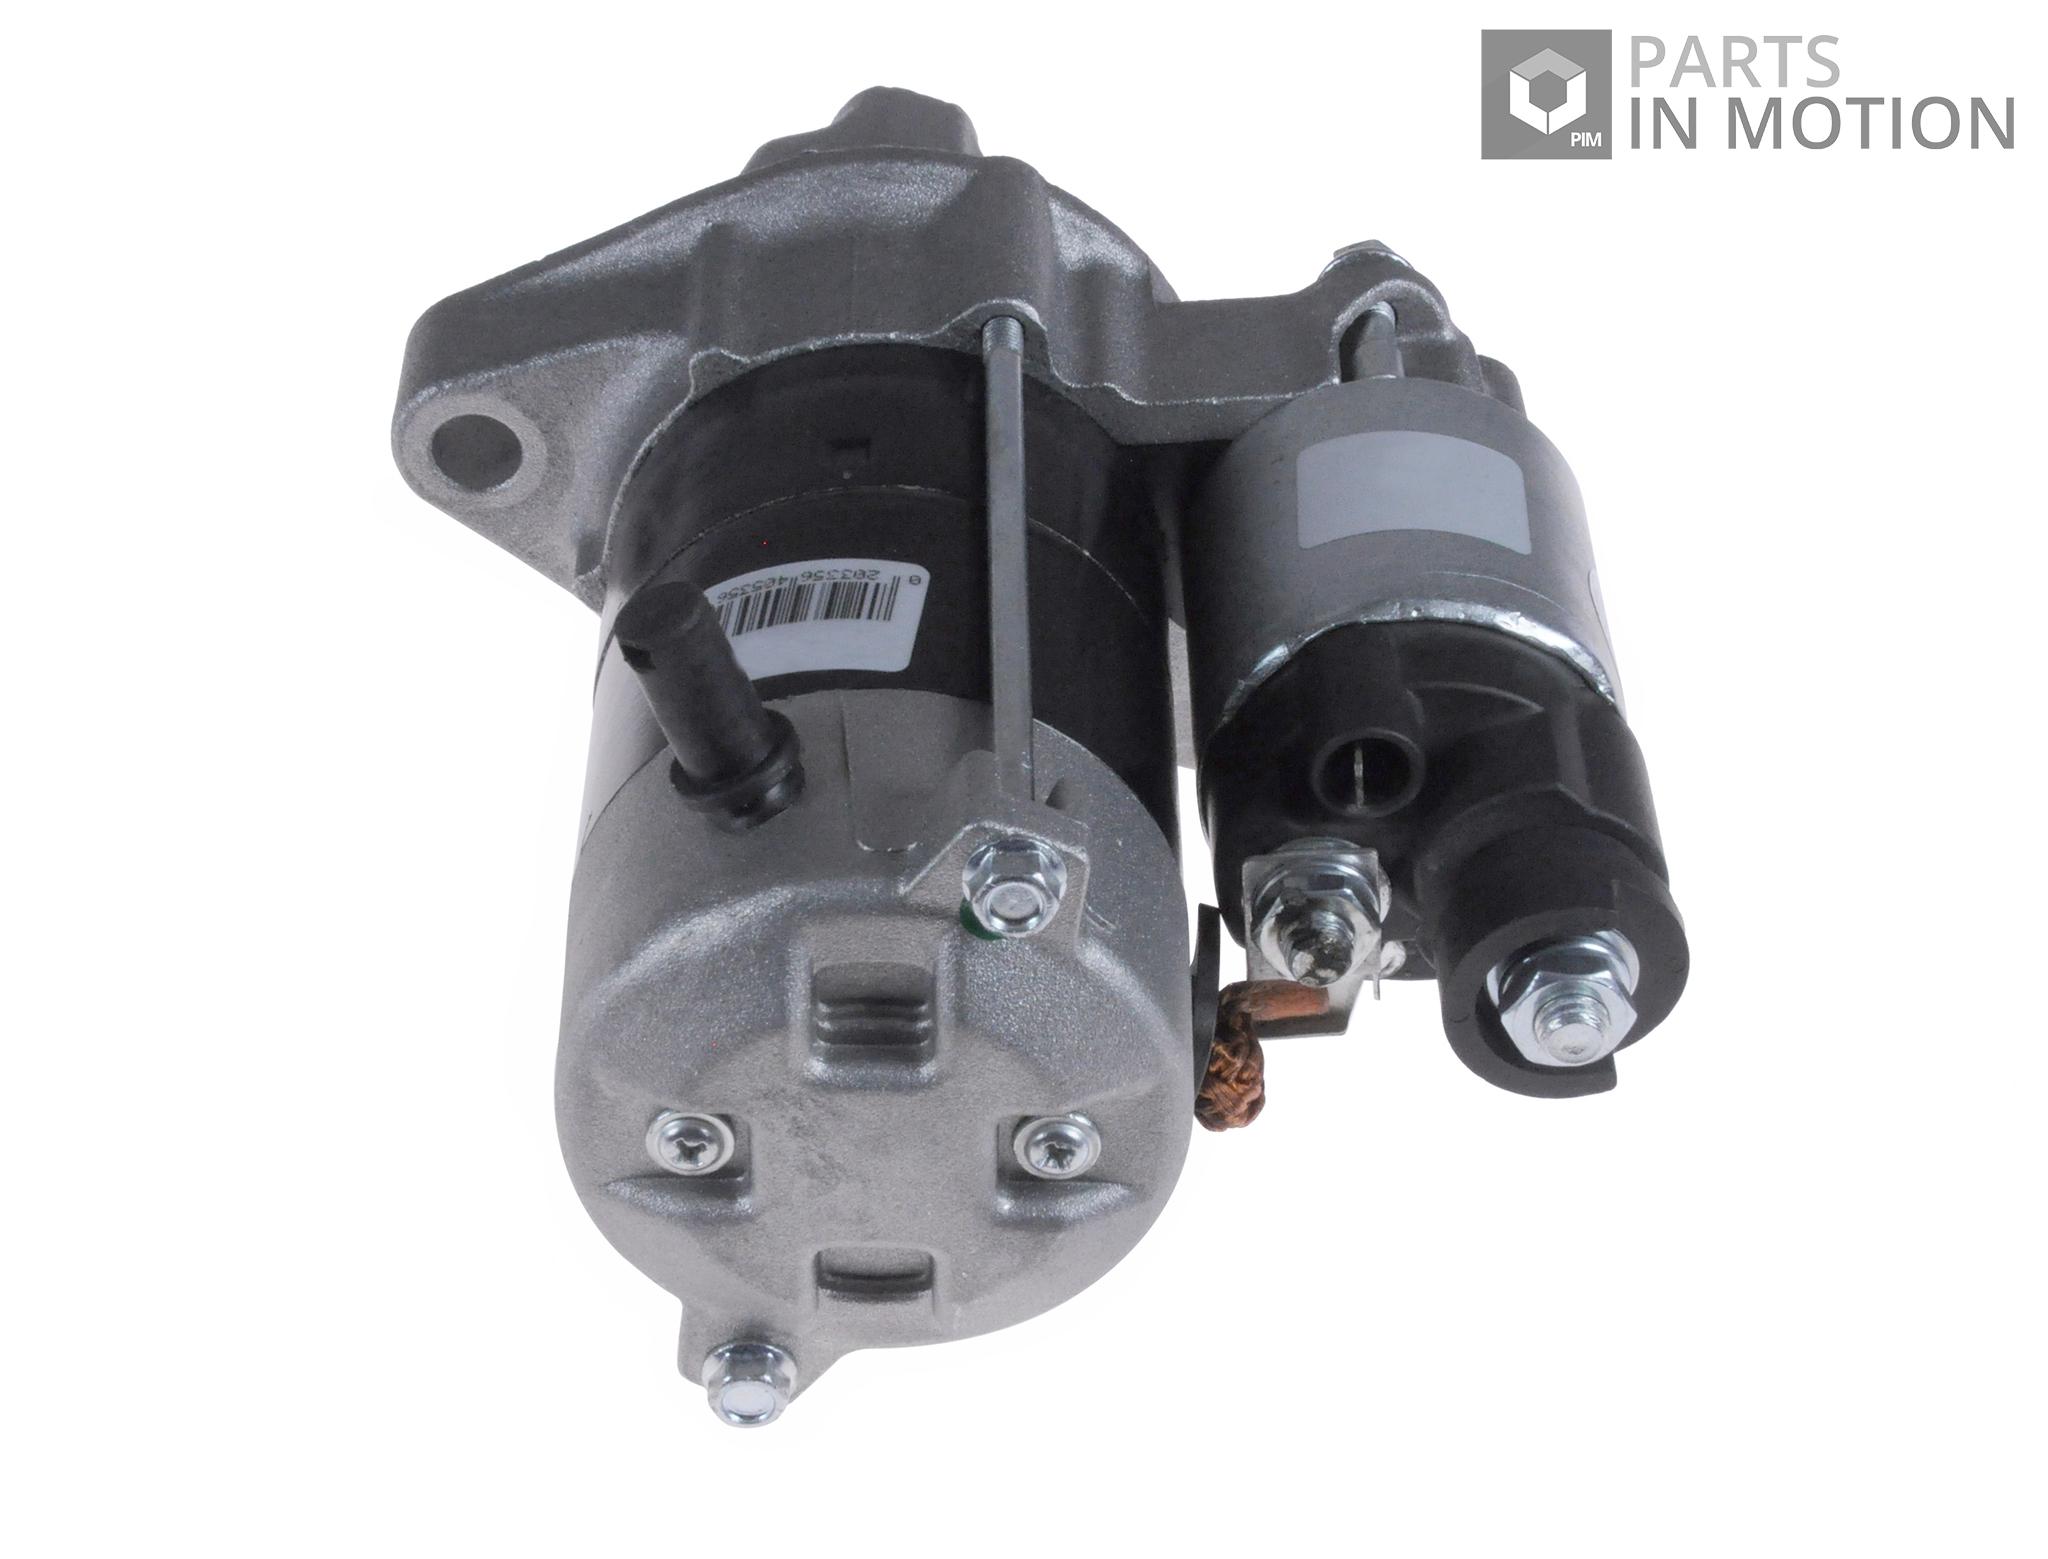 Starter motor fits honda cr v 2 0 99 to 02 adh21235 blue for Honda crv starter motor